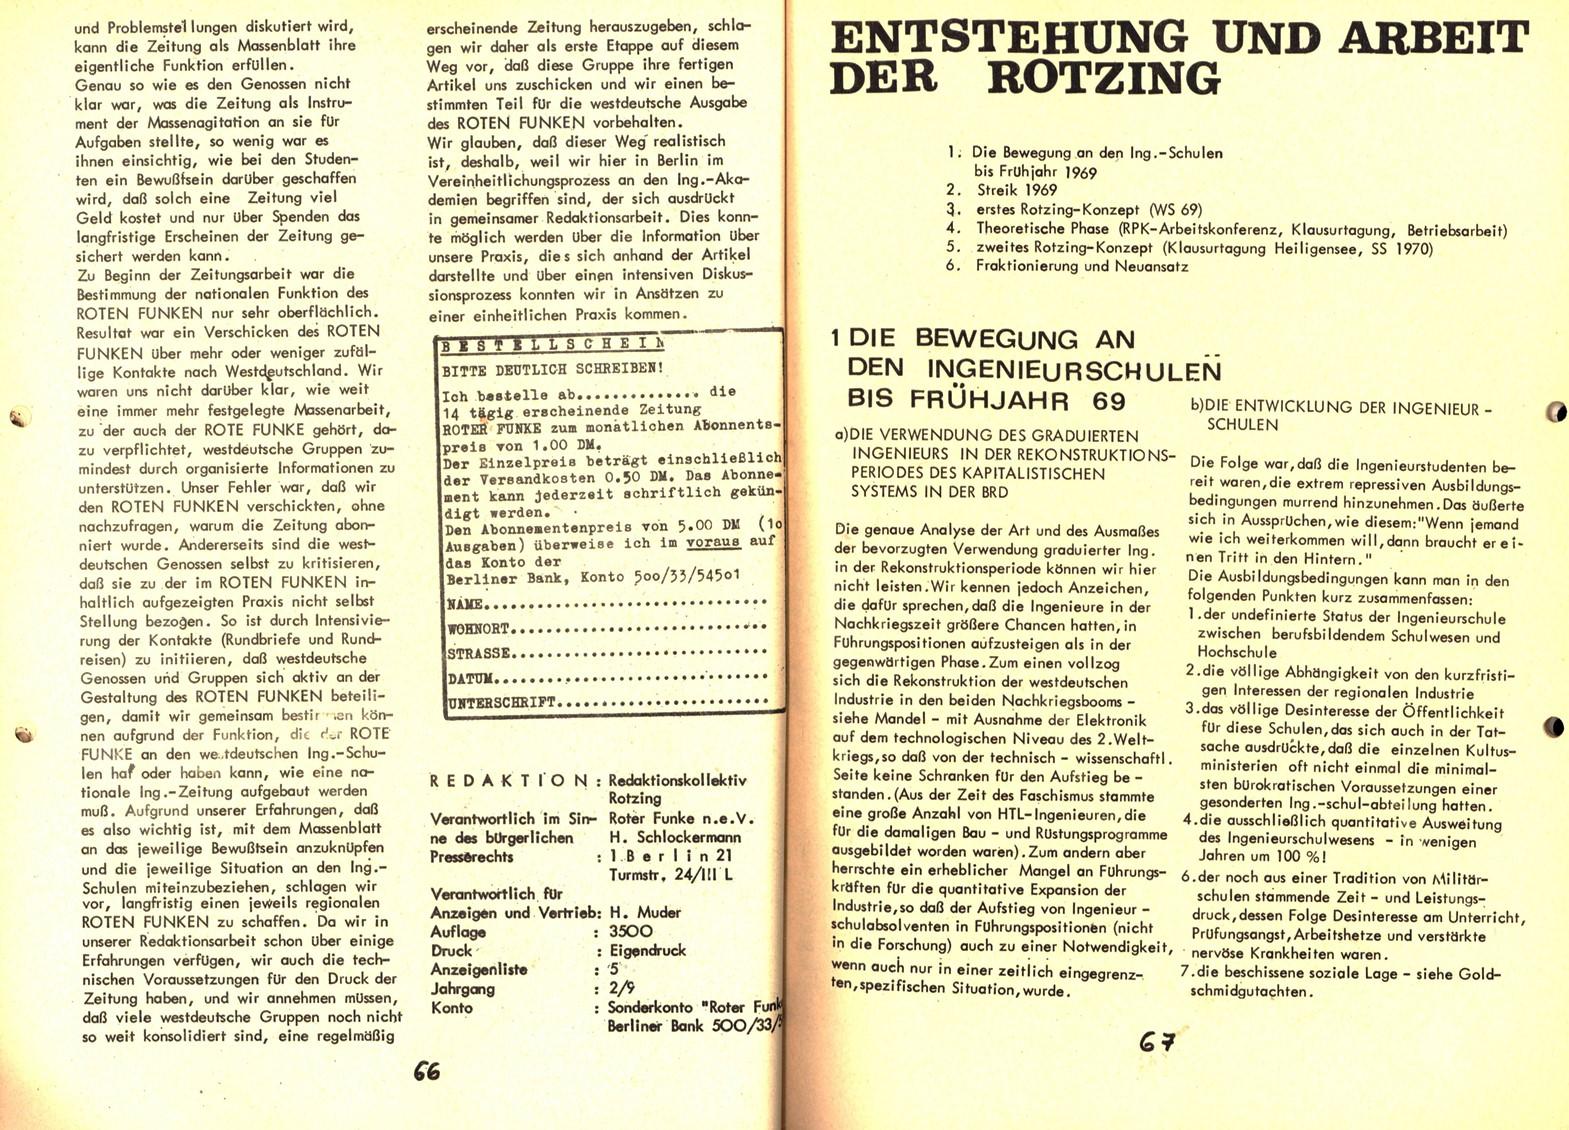 Berlin_Rotzing_1971_Kampfbericht_34